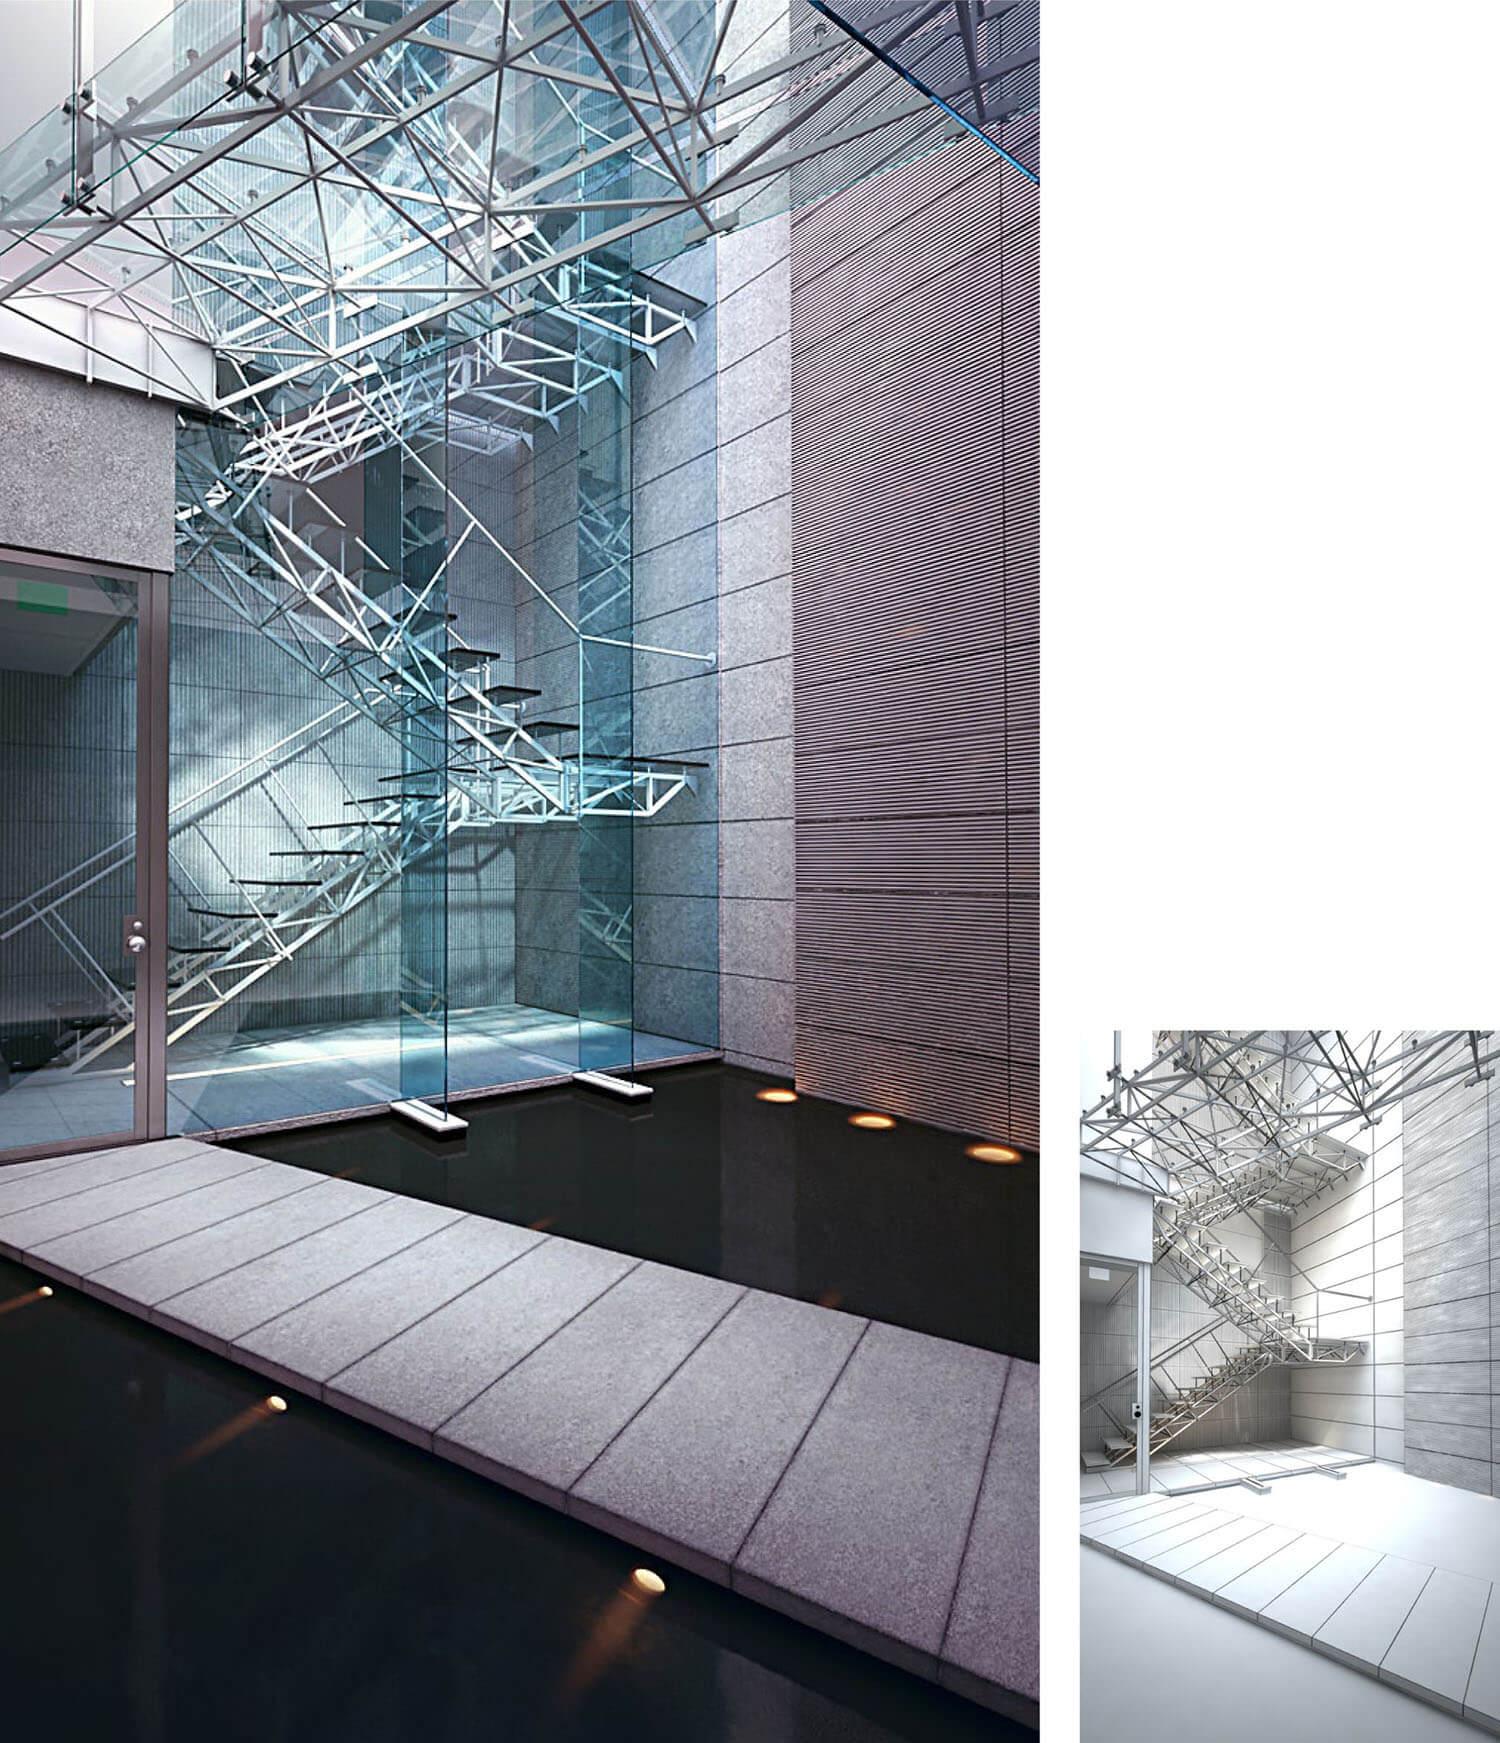 Không gian cầu thang nhìn như trong phim vũ trụ nhờ kính tạo và sắt